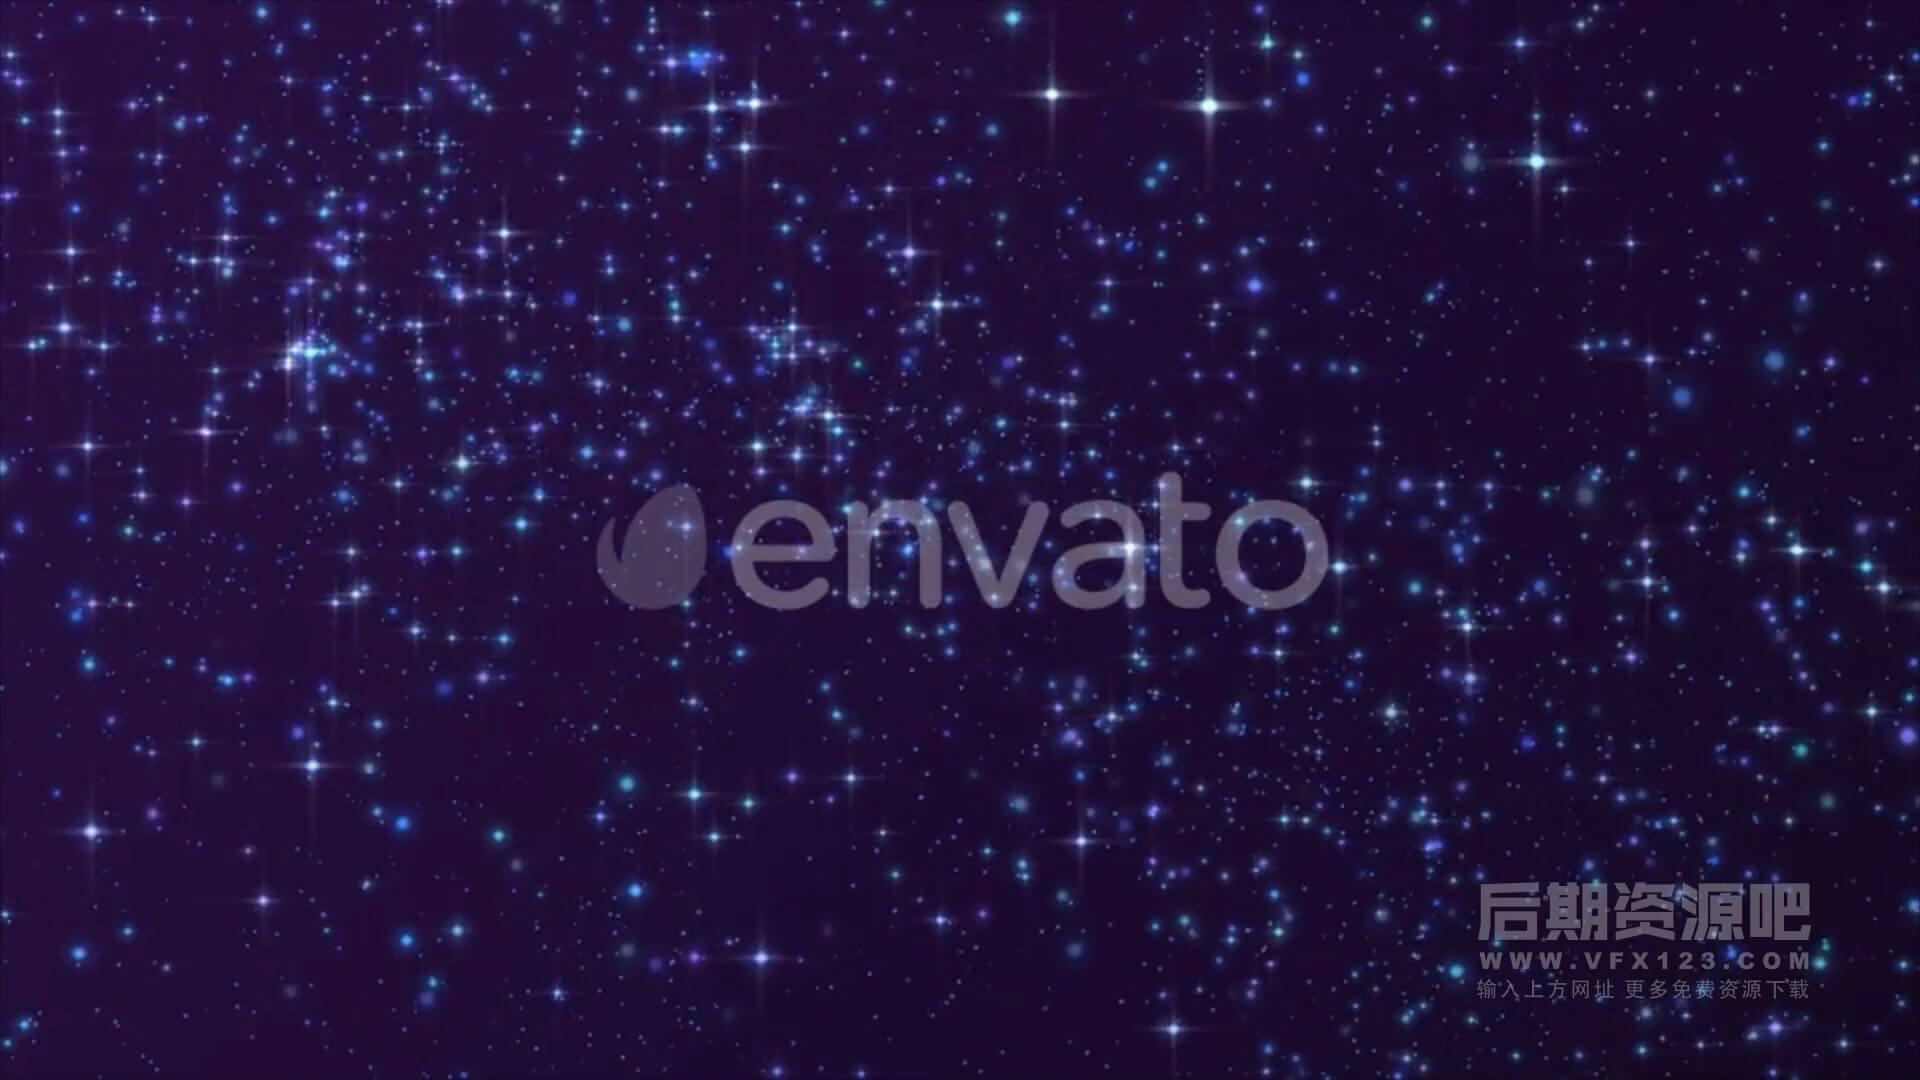 视频素材 5段4K星空璀璨闪闪背景素材 每段20s Stardust